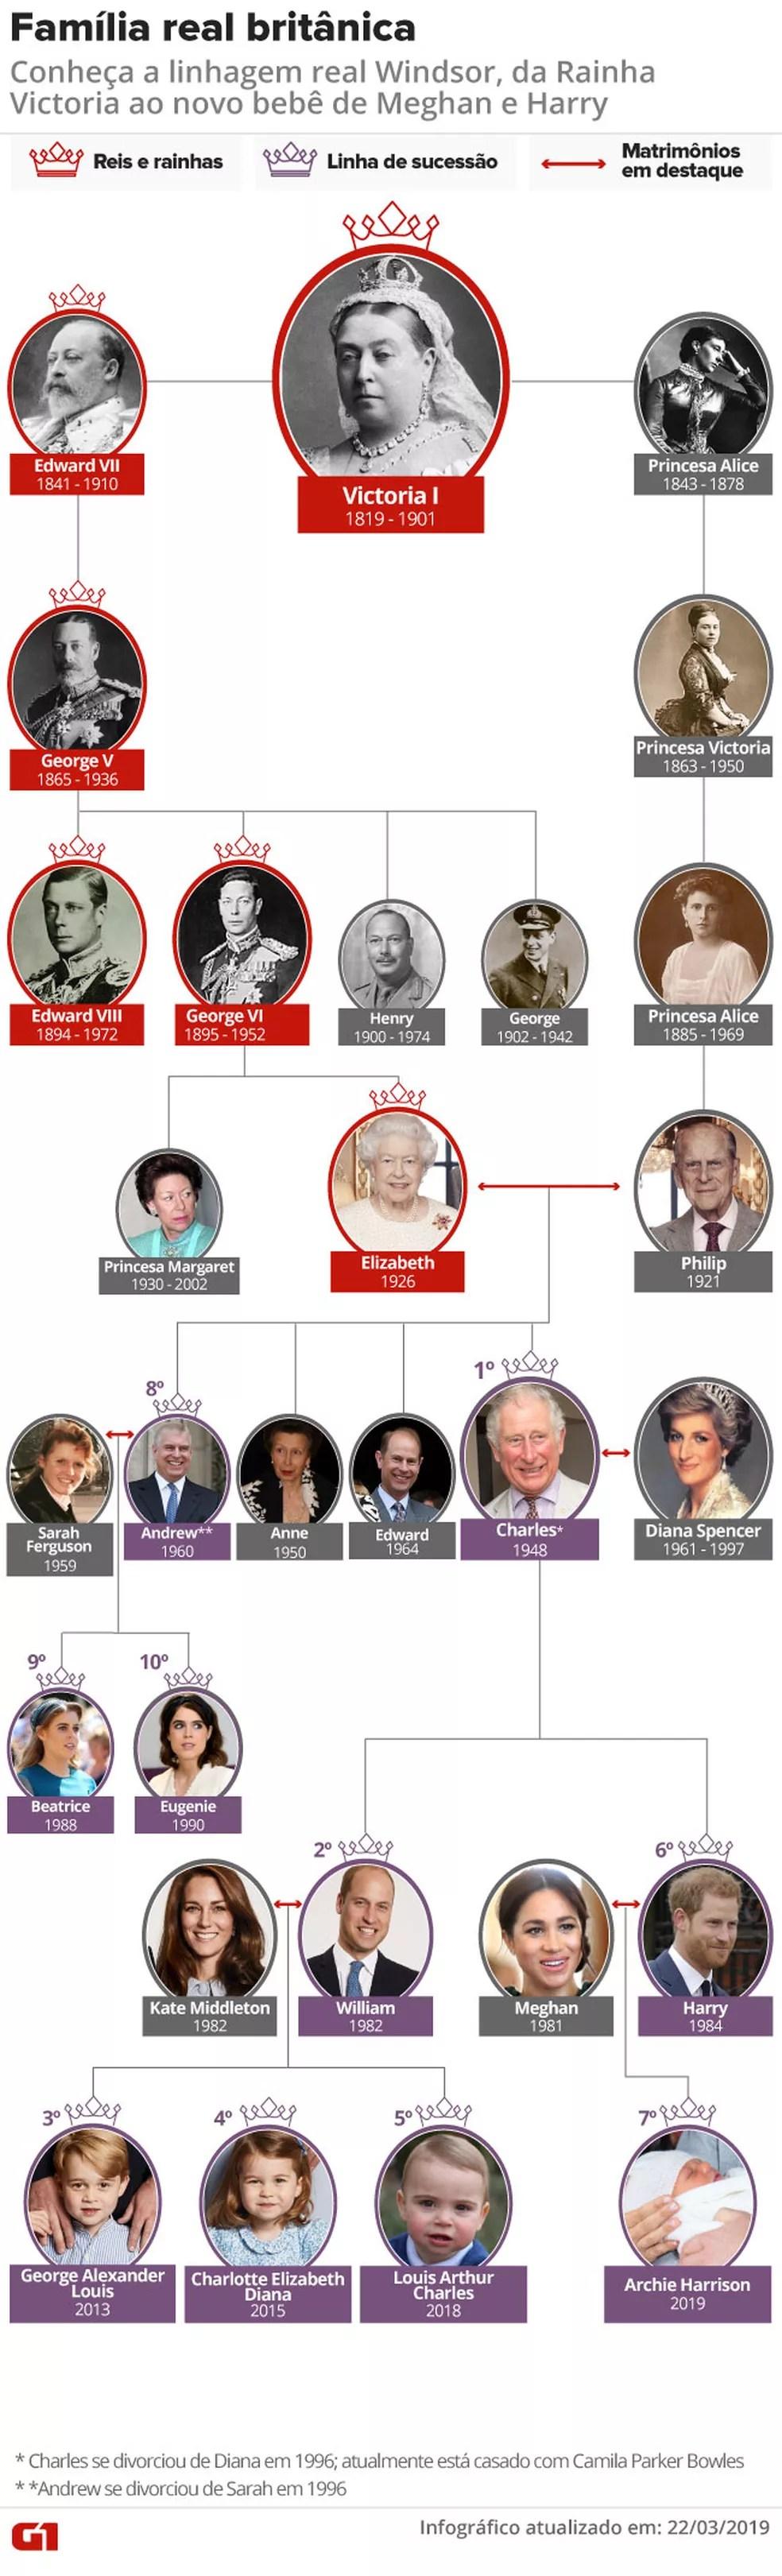 Árvore genealógica da família real britânica. — Foto: Arte G1